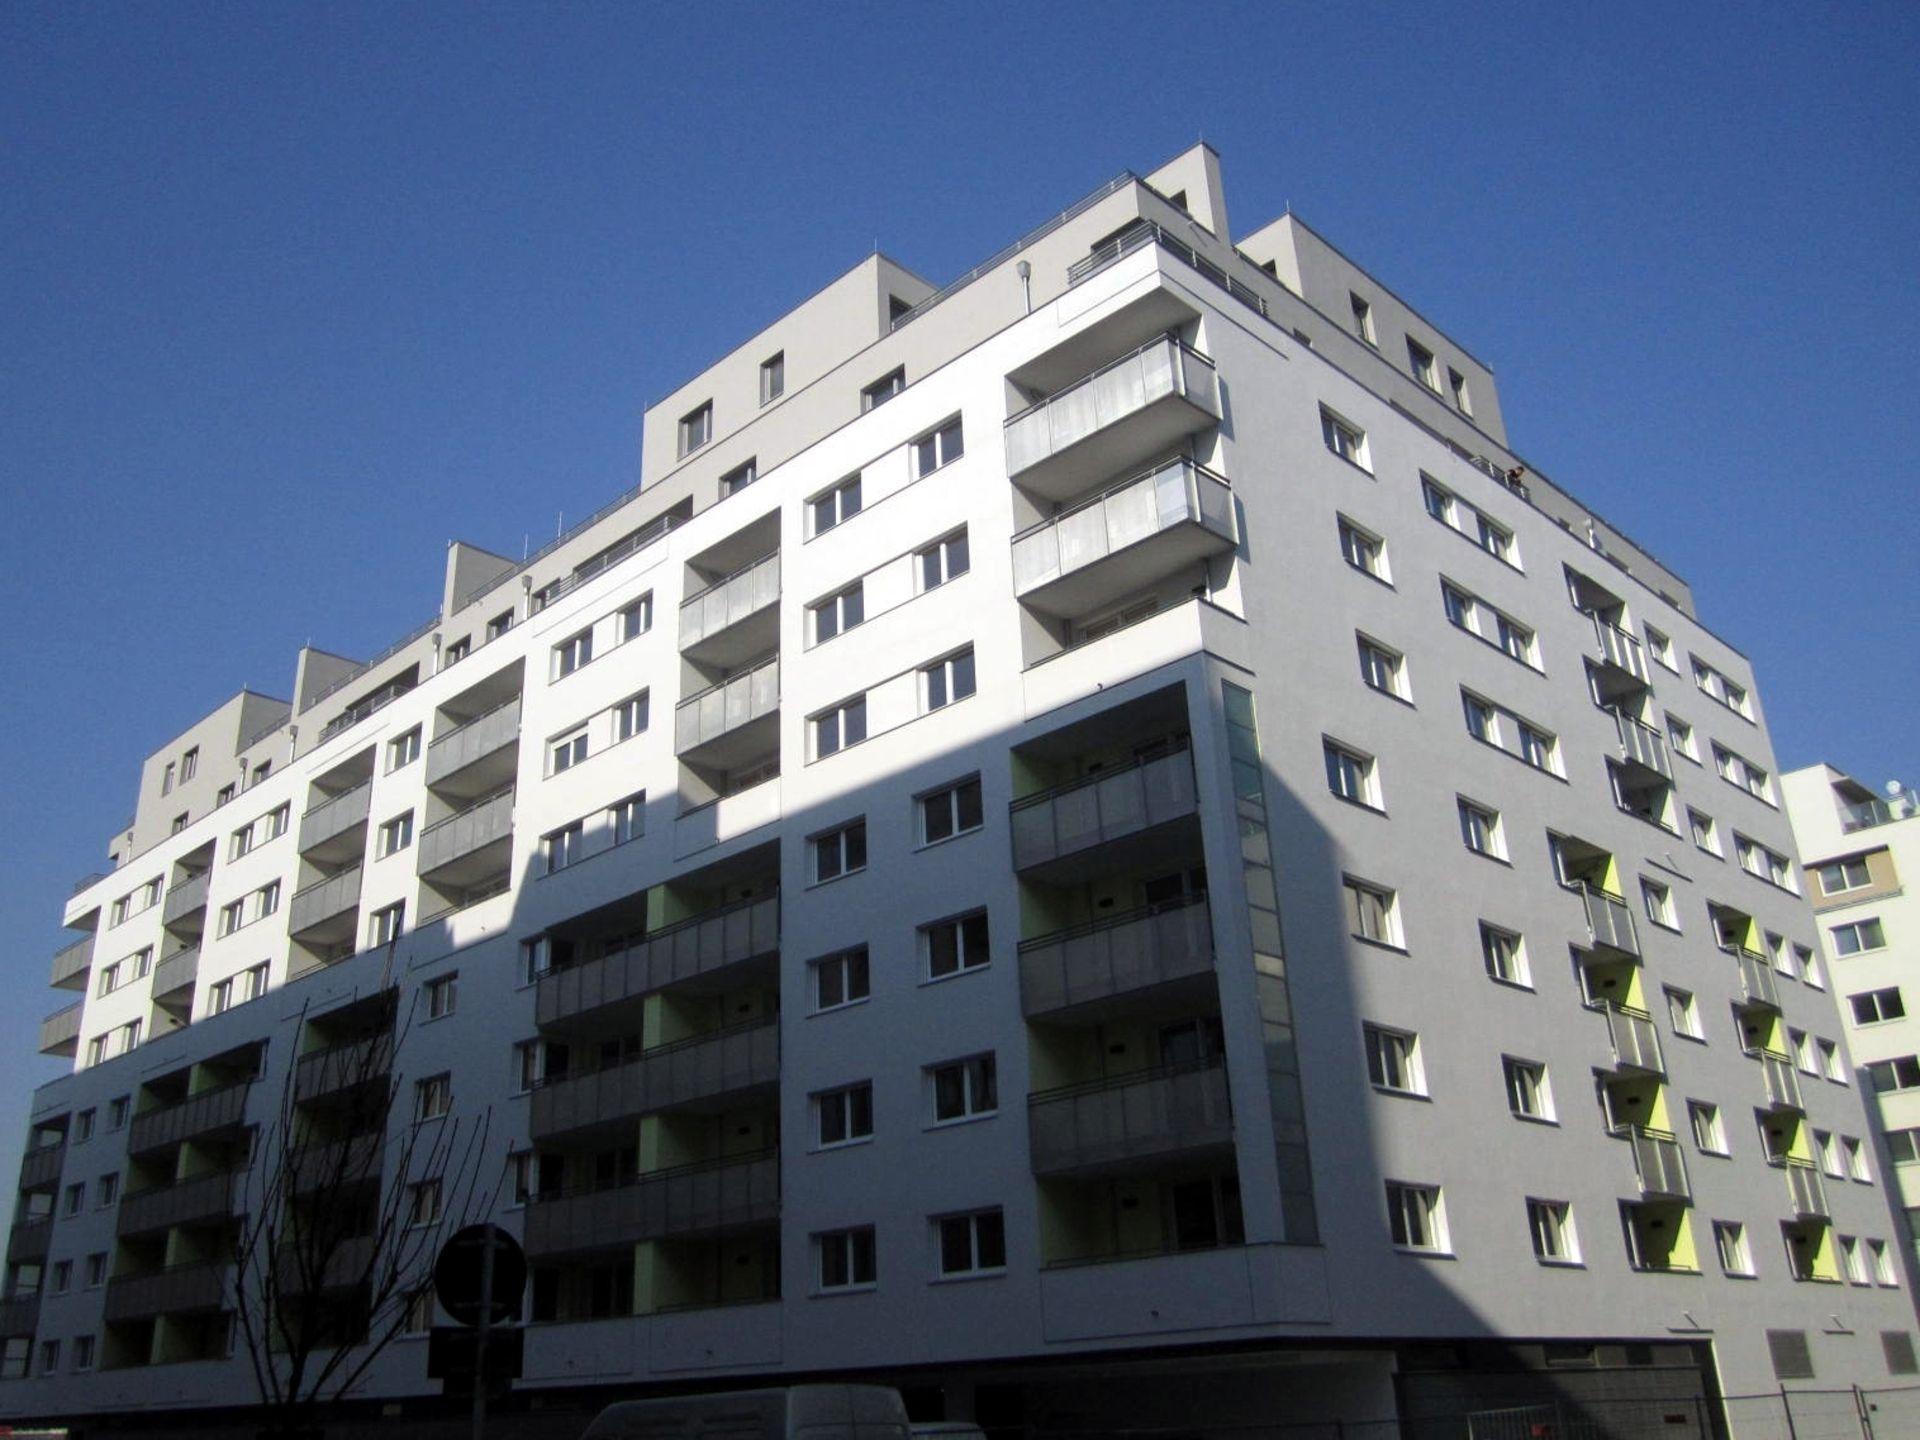 Walcherstraße 5+5a, 1020 Wien